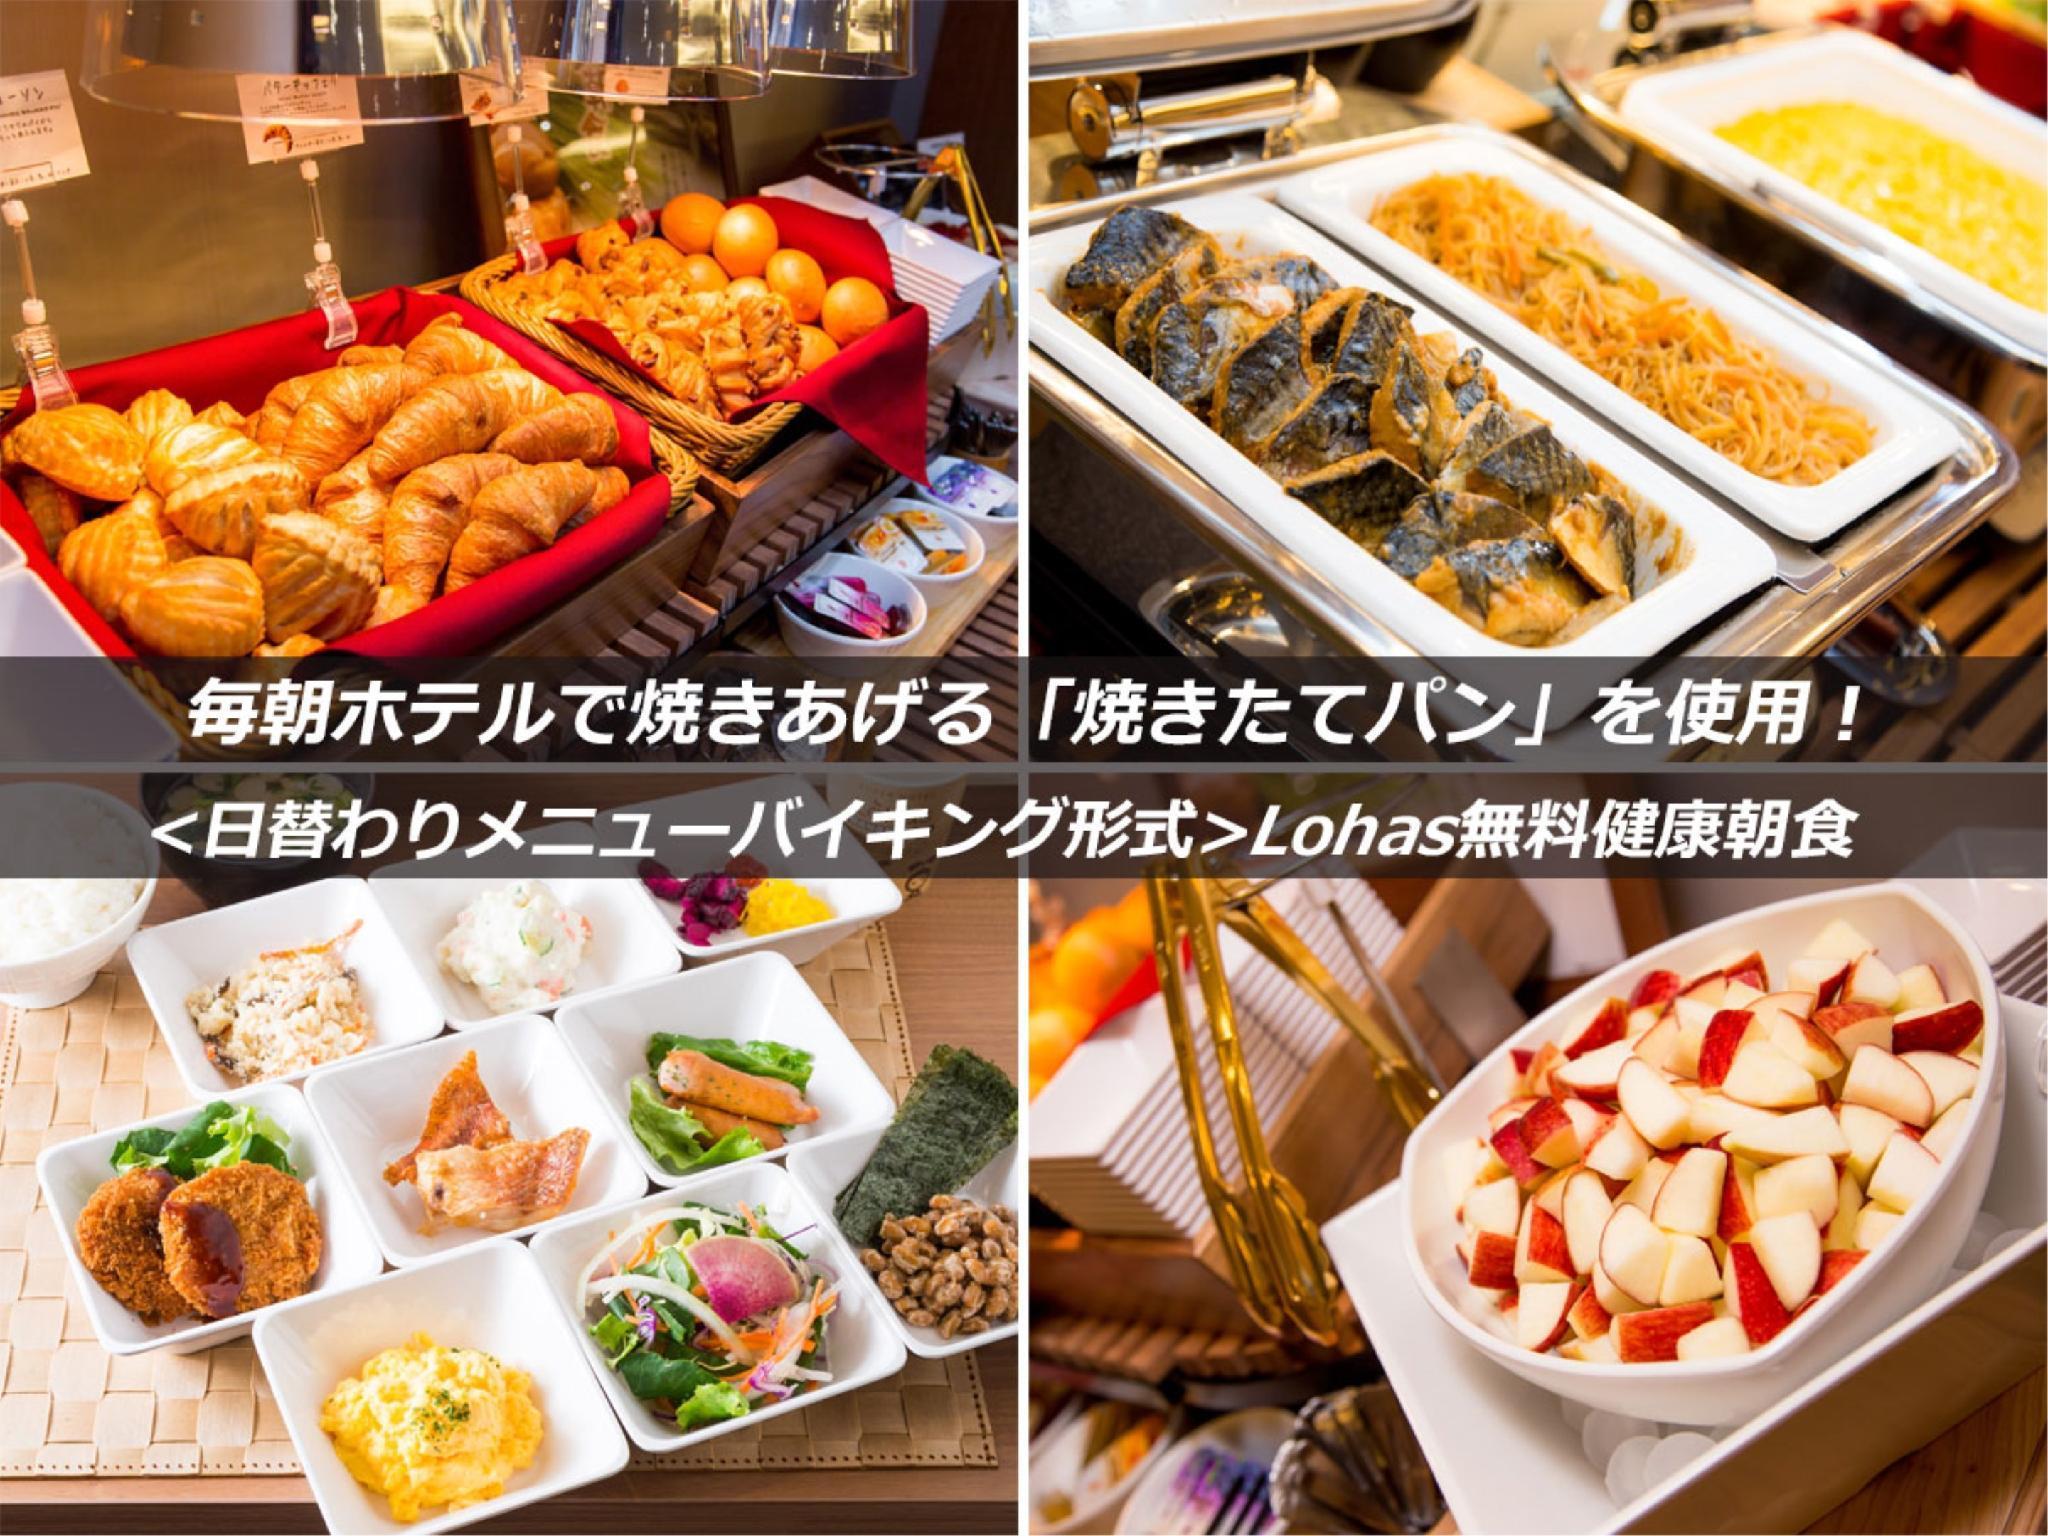 Super Hotel Ehime Ozu Inter